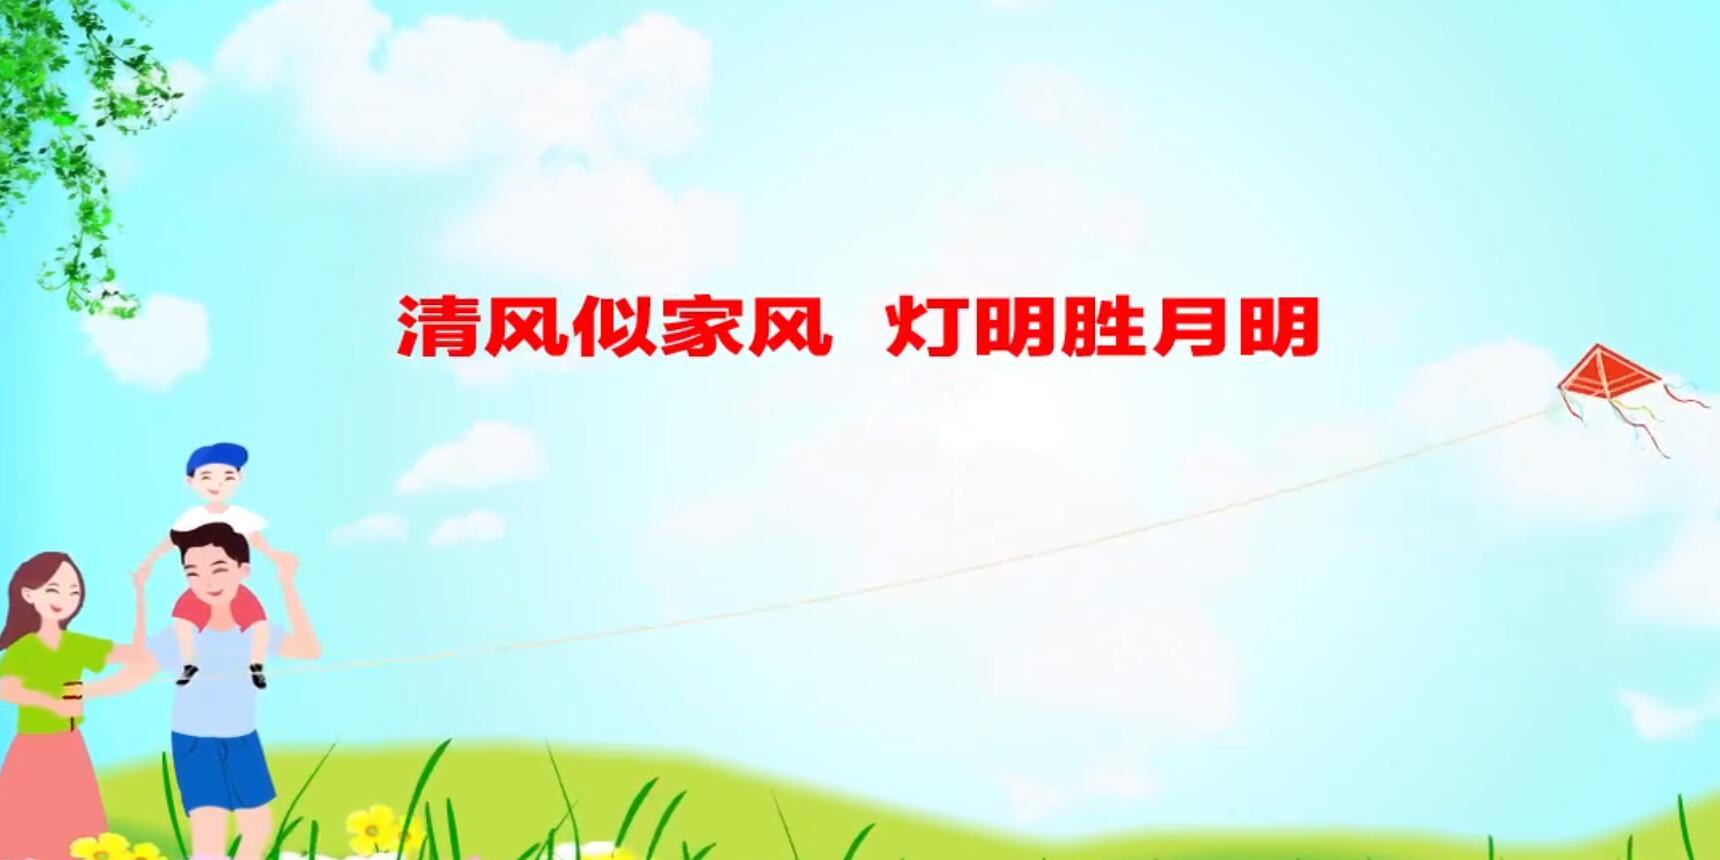 """""""欢乐中国节 廉政好家风""""廉政公益广告:清风似家风"""